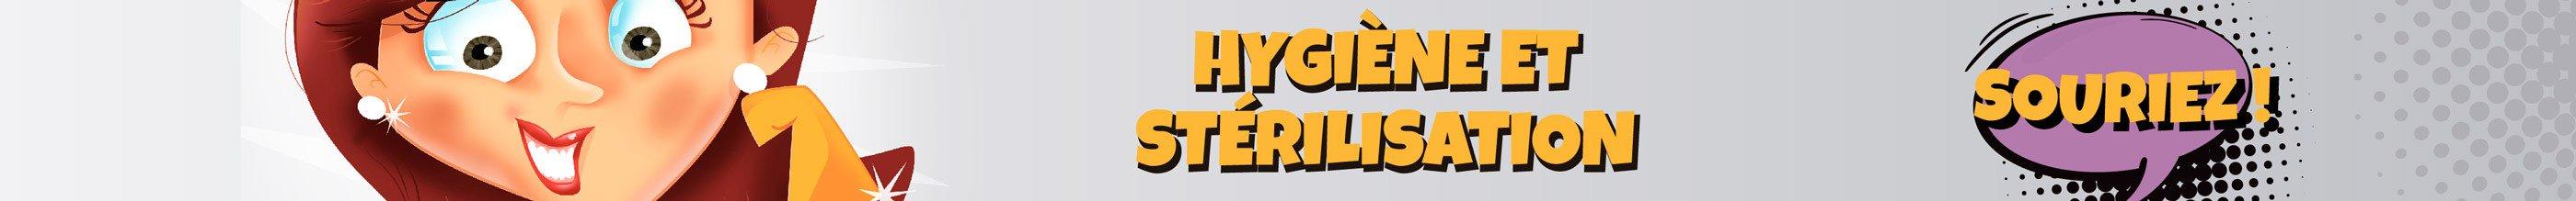 Hygiène et stérilisation image